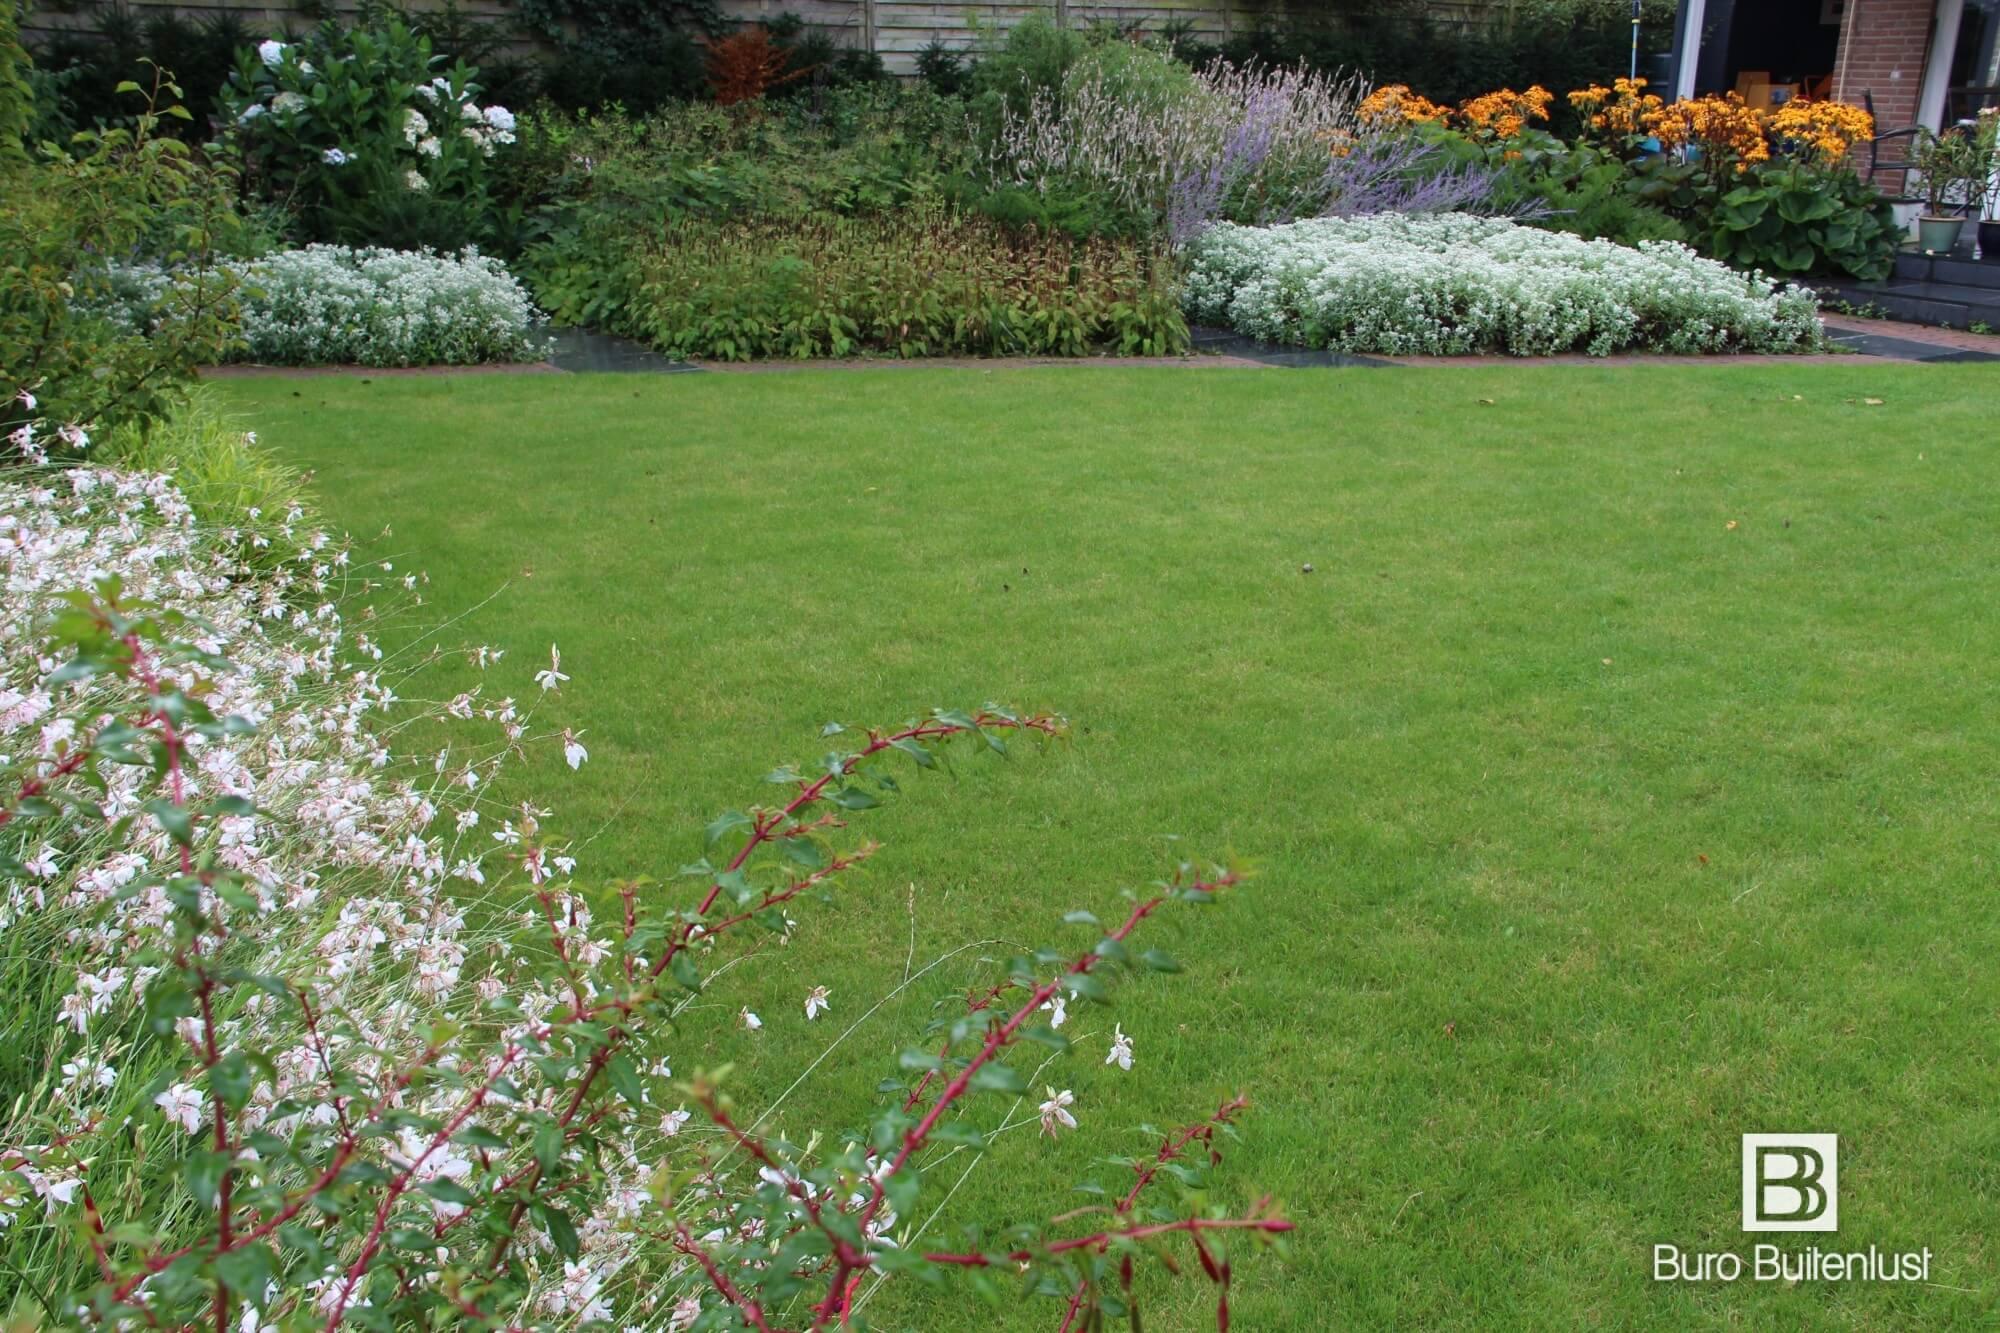 Buro Buitenlust ontwerpt sfeervolle tuinen met een natuurlijke uitstraling. Unieke en persoonlijke tuinen die elk jaar mooier worden.